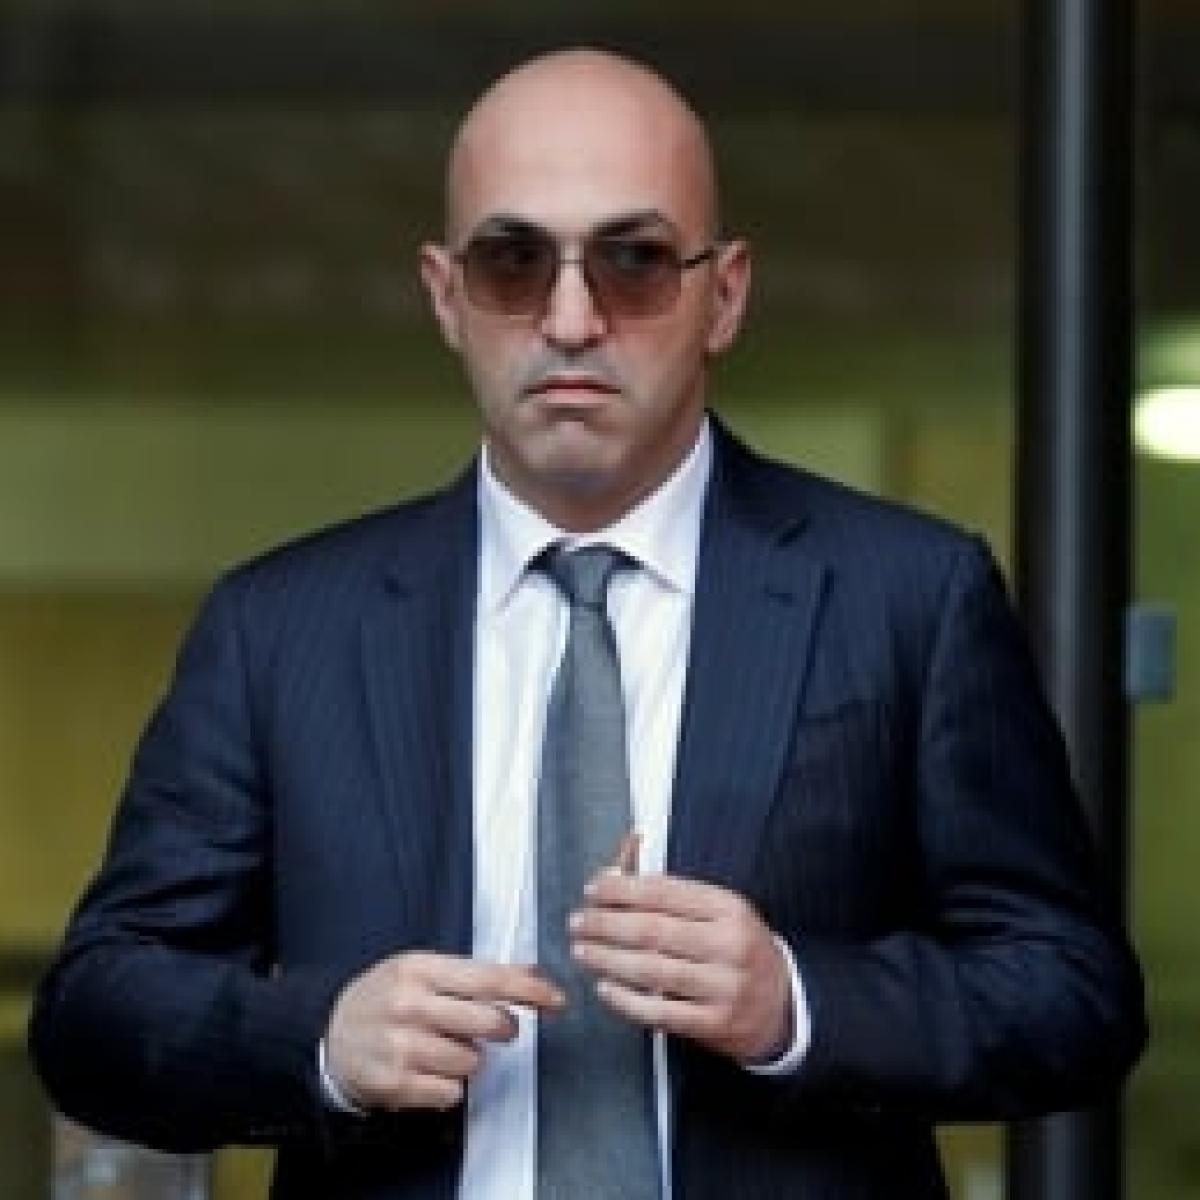 Journalist murder case: Malta businessman charged